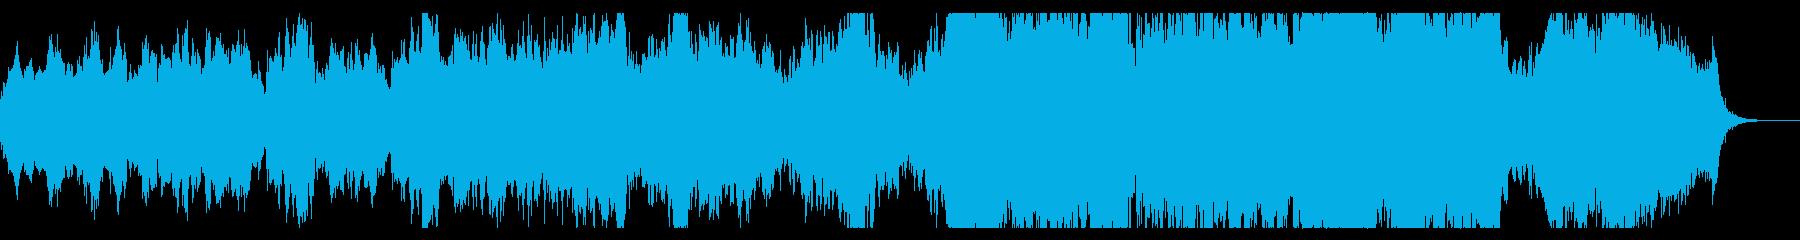 エンディング向けファンタジックなBGMの再生済みの波形